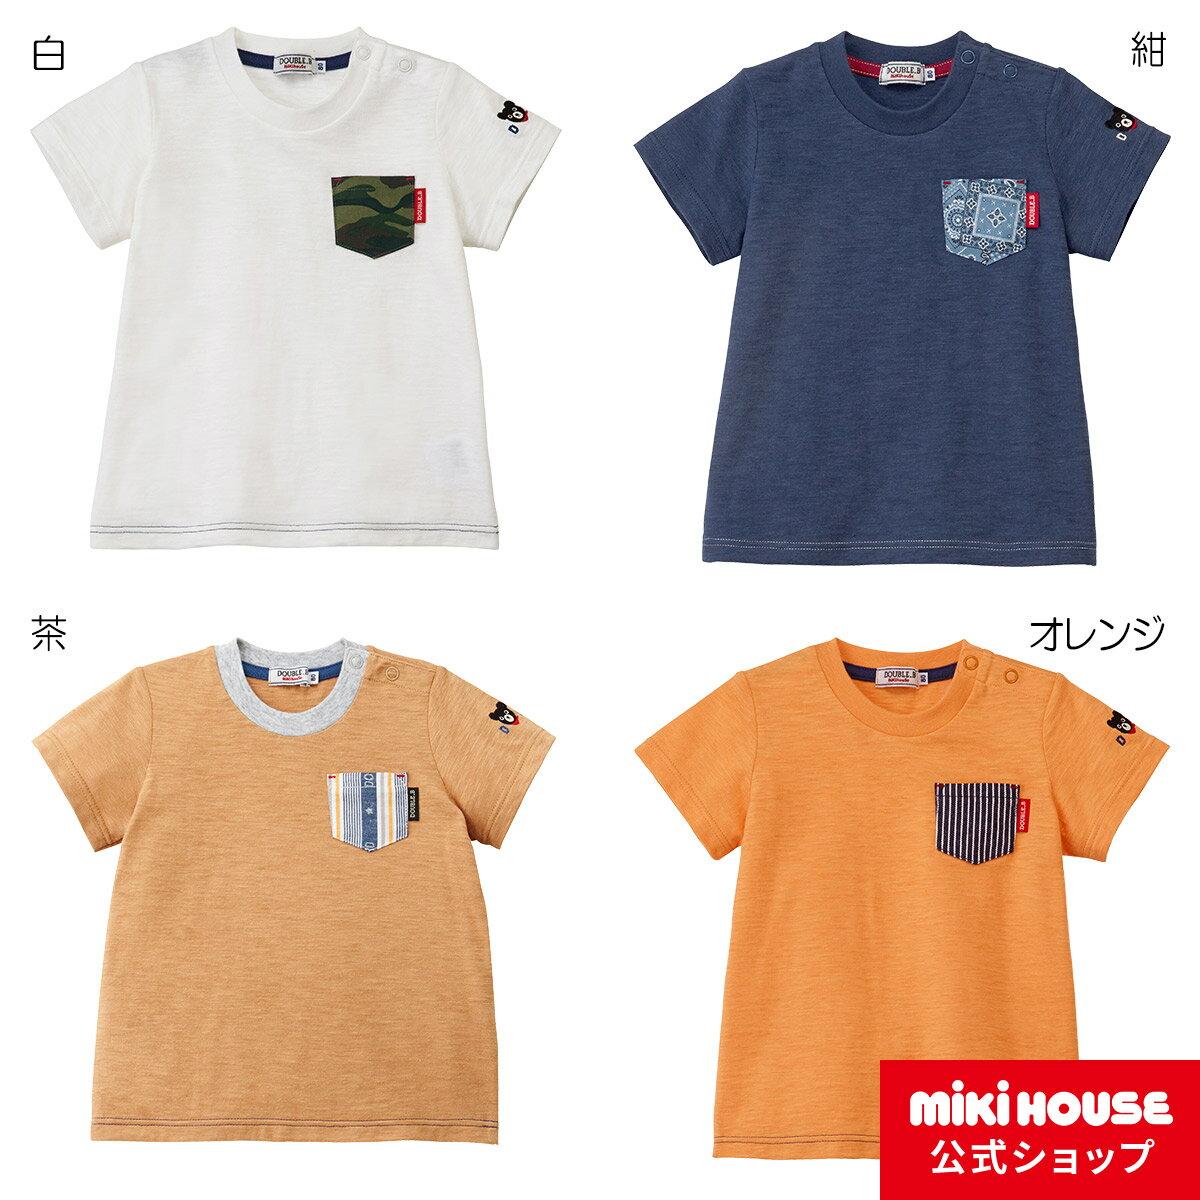 ミキハウス ダブルビー mikihouse Tシャツ(70cm-150cm)